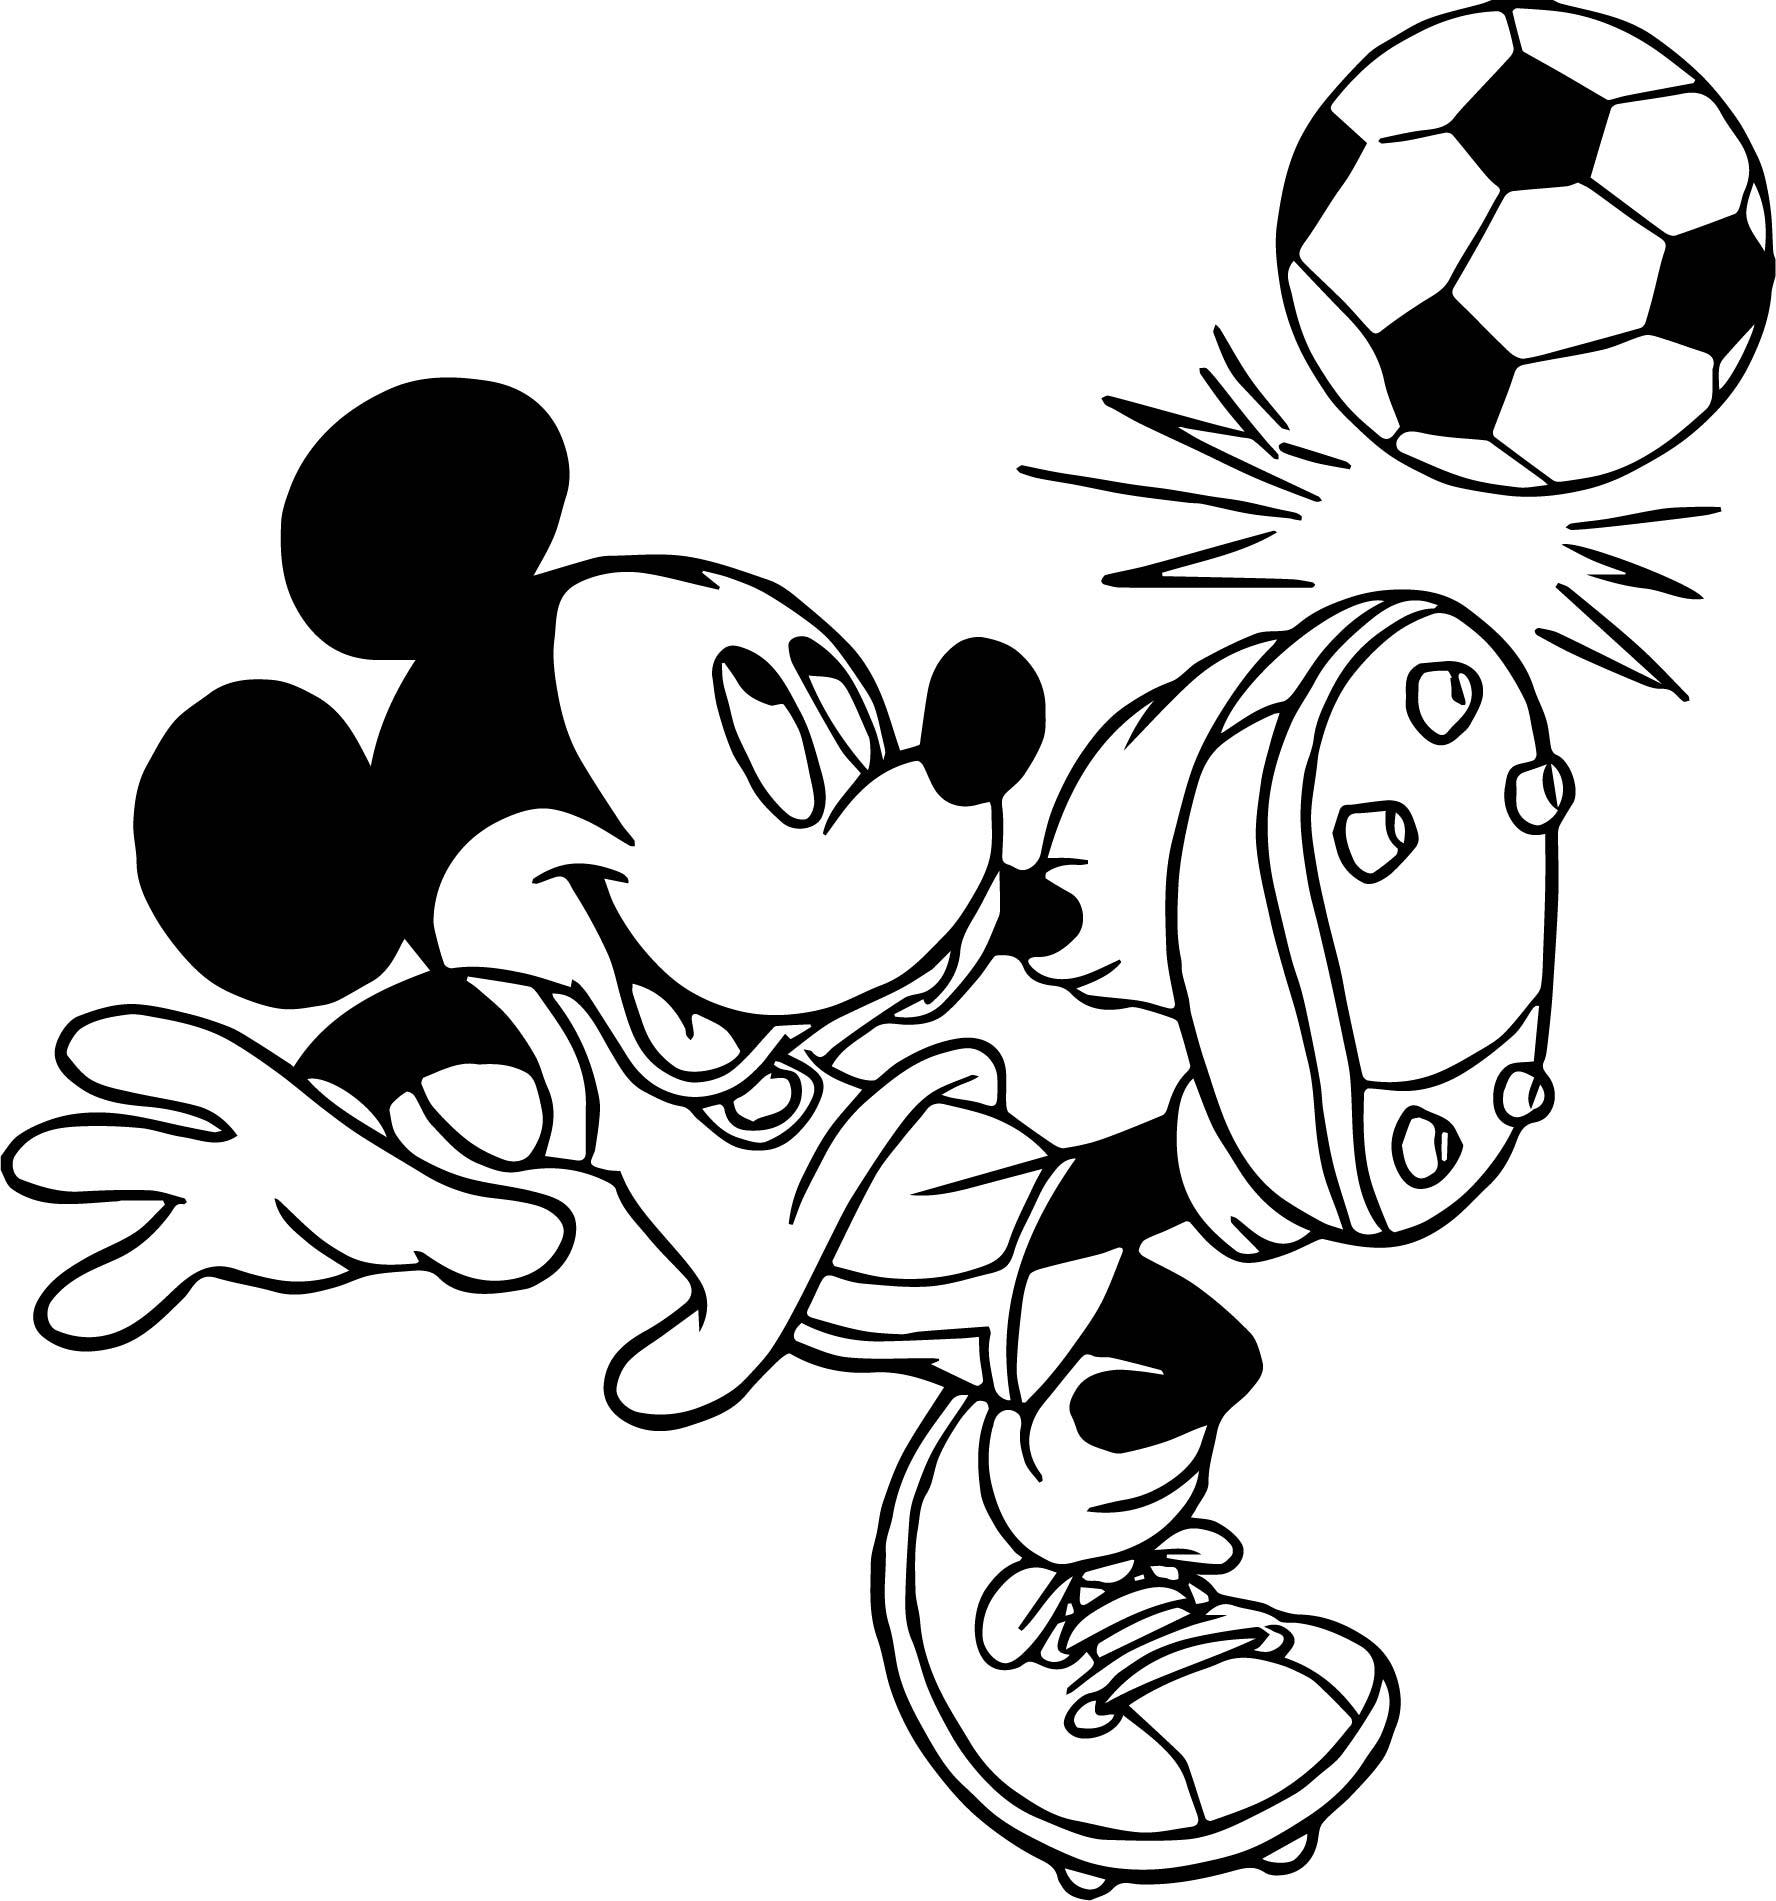 Soccer Player Mickey Mouse Kicks Ball Playing Football